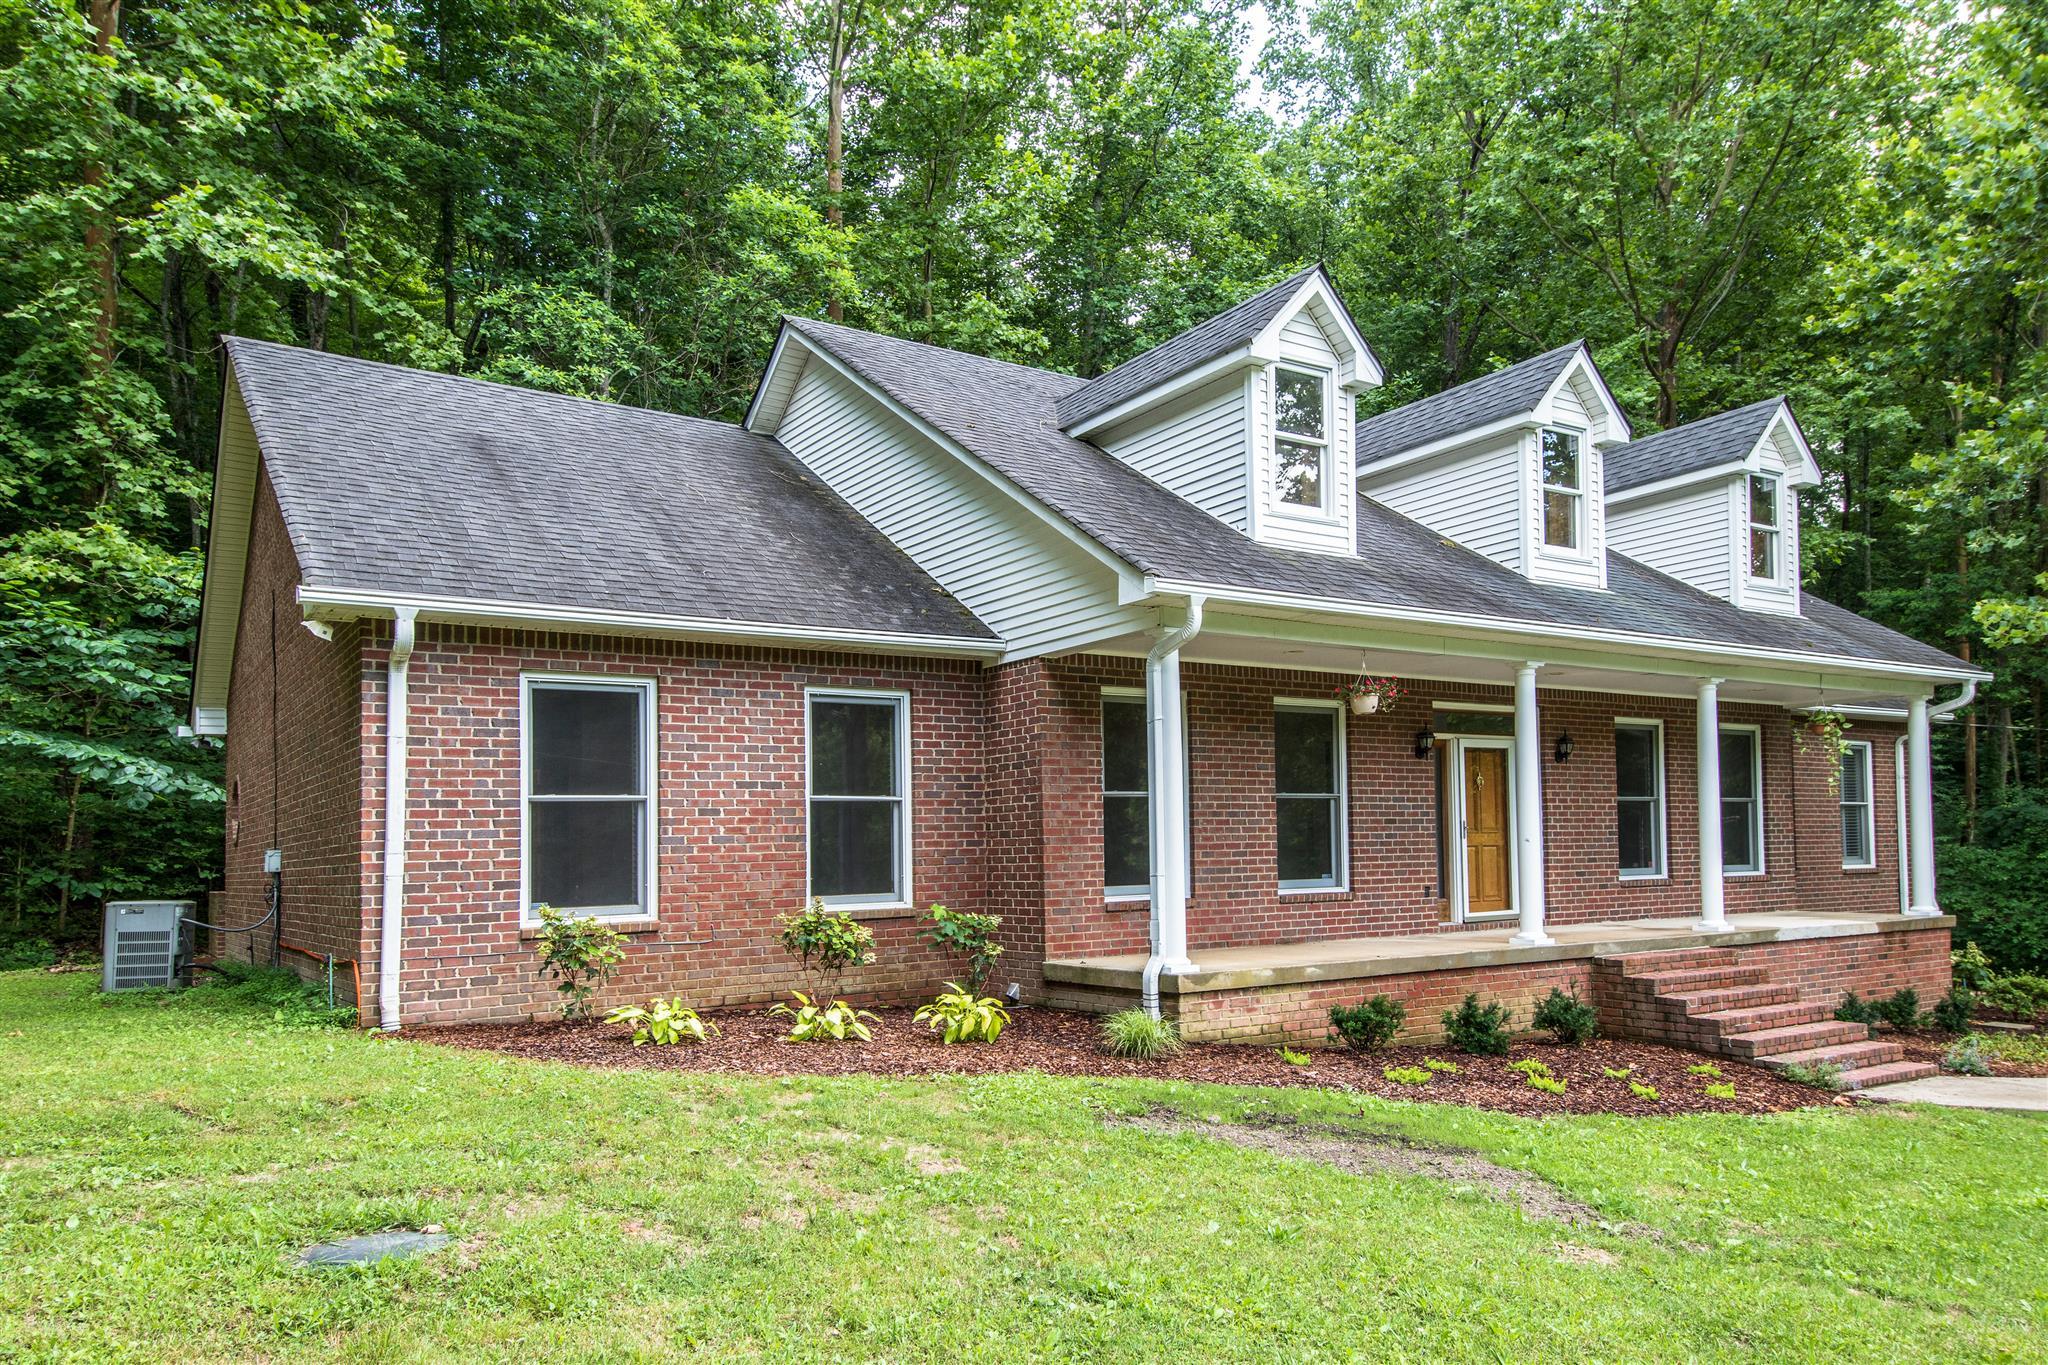 1029 Garland Hollow Rd, Pegram, TN 37143